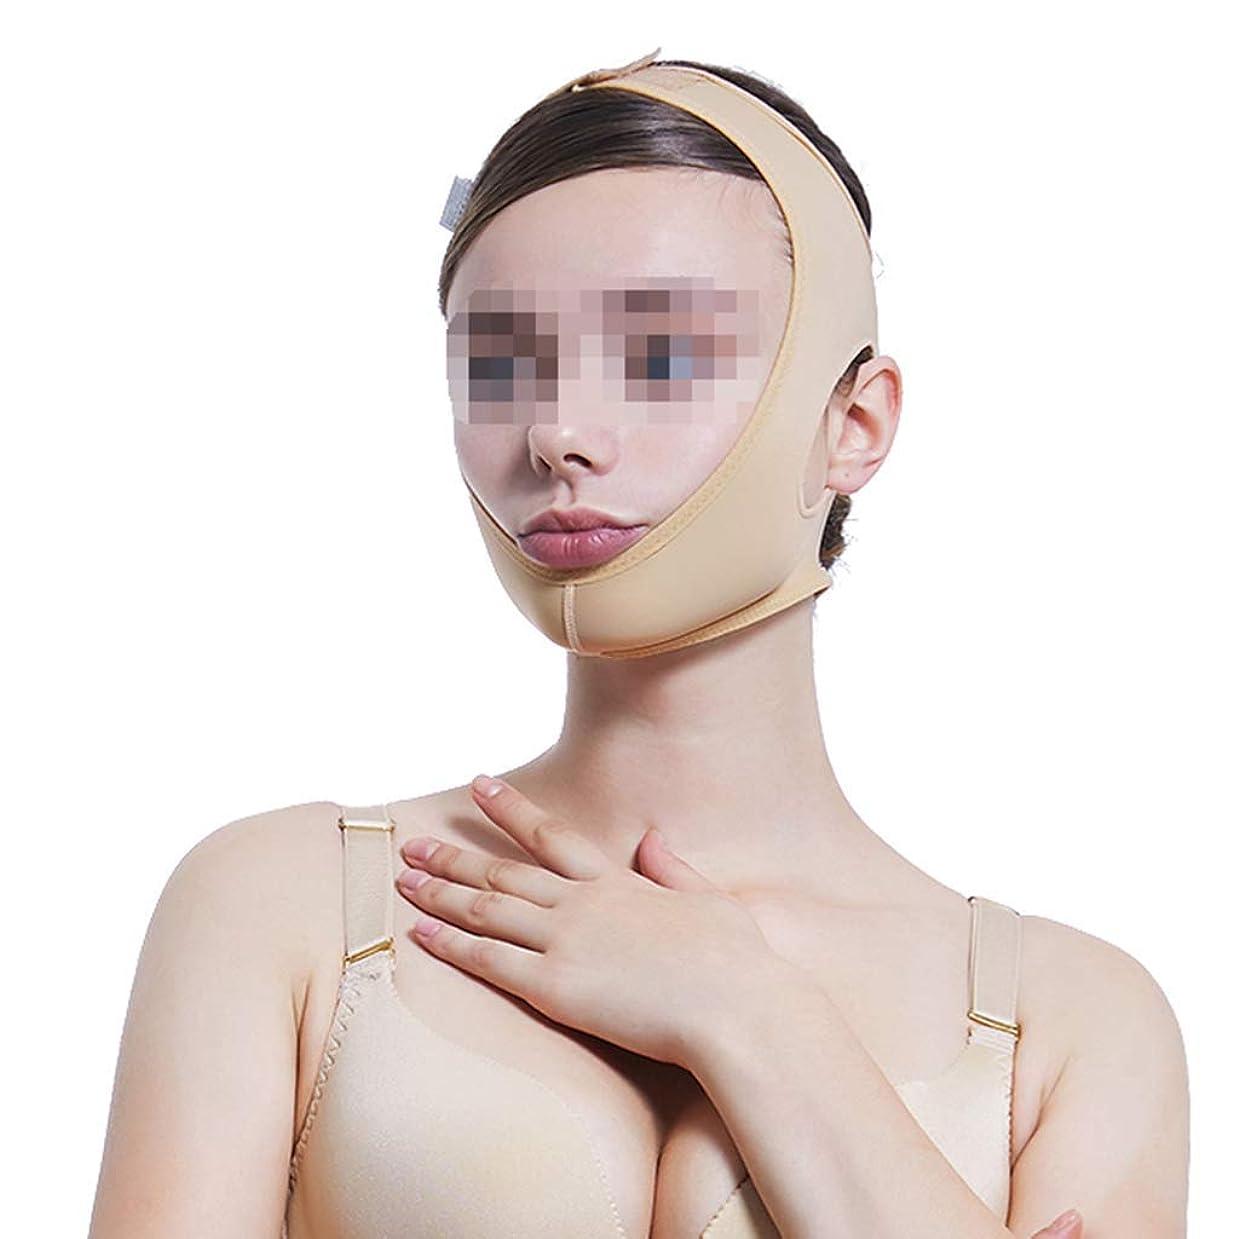 肝喉が渇いた憲法ビームフェイス弾性ヘッドギア、ダブルあごのあごのセットをマスクの後に線彫り薄いフェイス包帯マルチサイズオプション(サイズ:XS),L